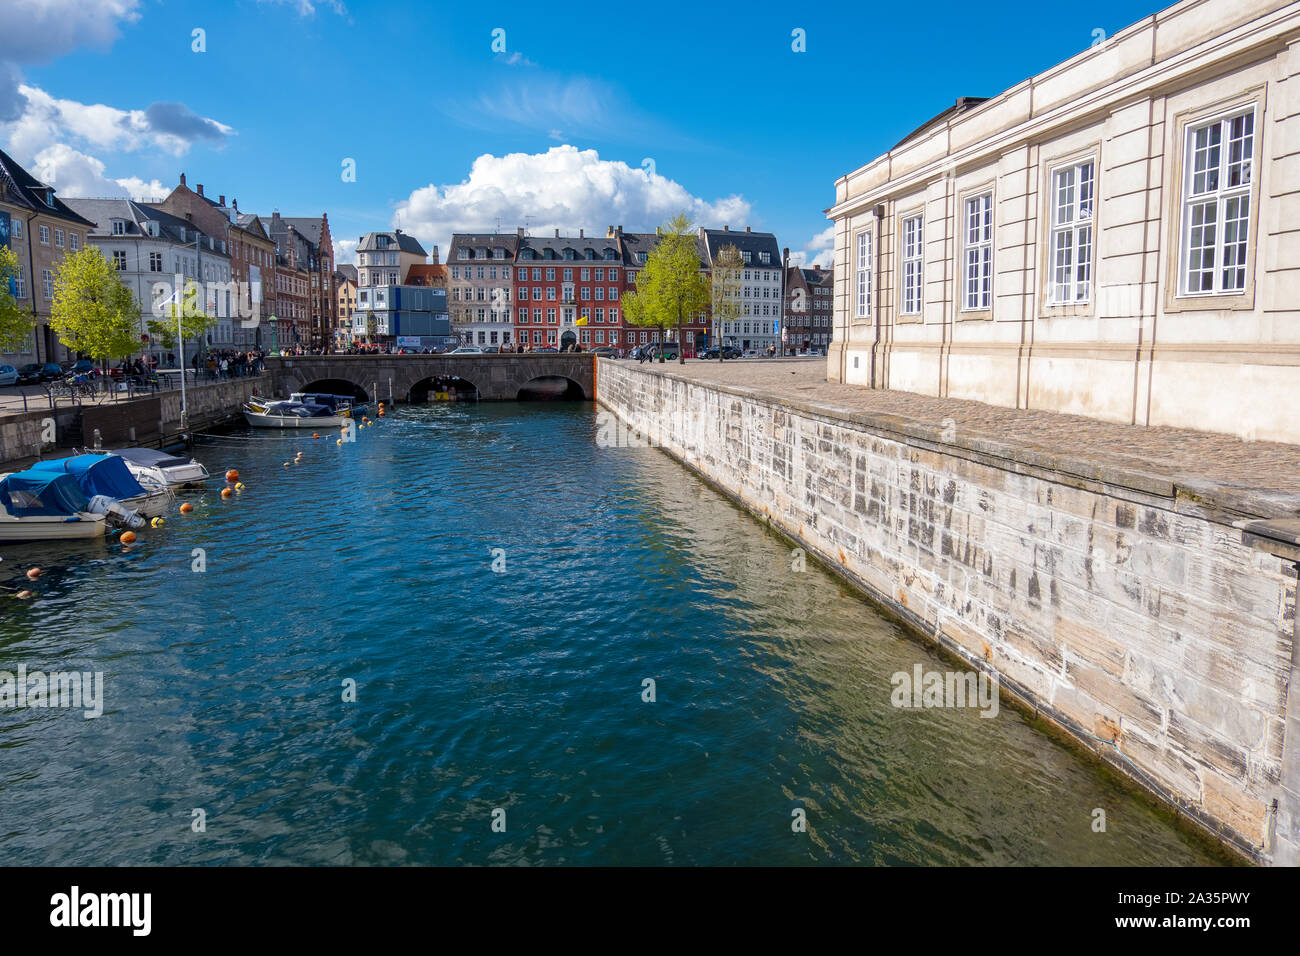 Copenhagen, Danimarca - 04 Maggio 2019: vista del Canal Grande e con barche e Ponte Vecchio nel centro storico della città di Copenhagen, Danimarca Foto Stock